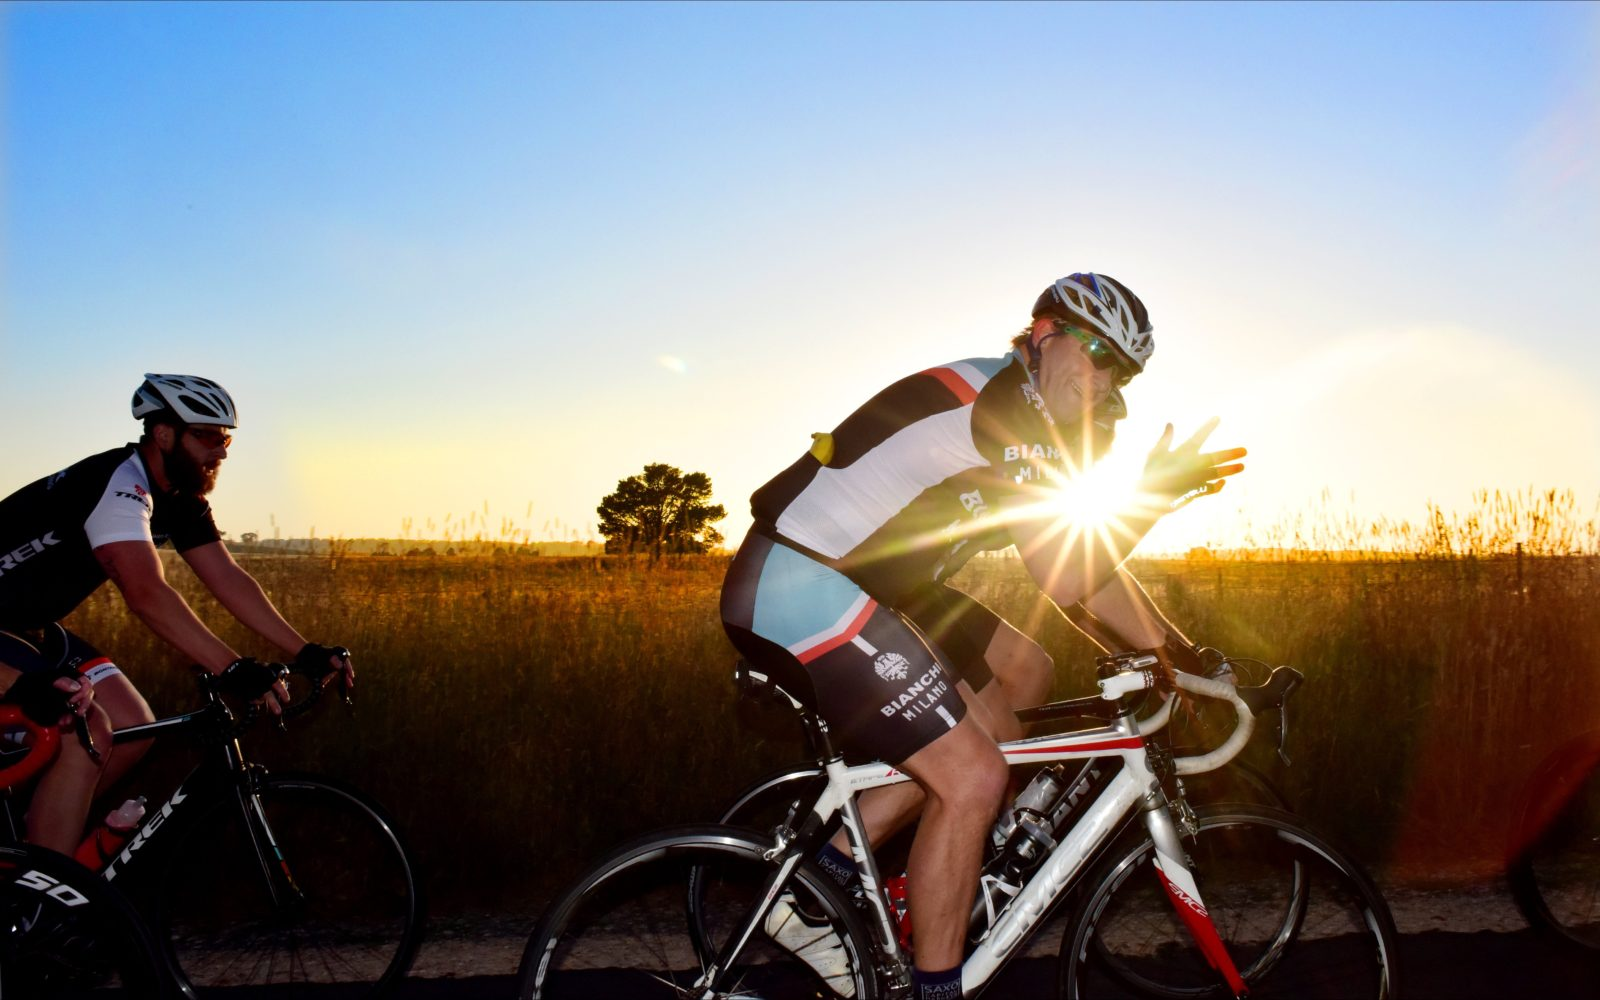 Cyclist waving to the camera at dusk